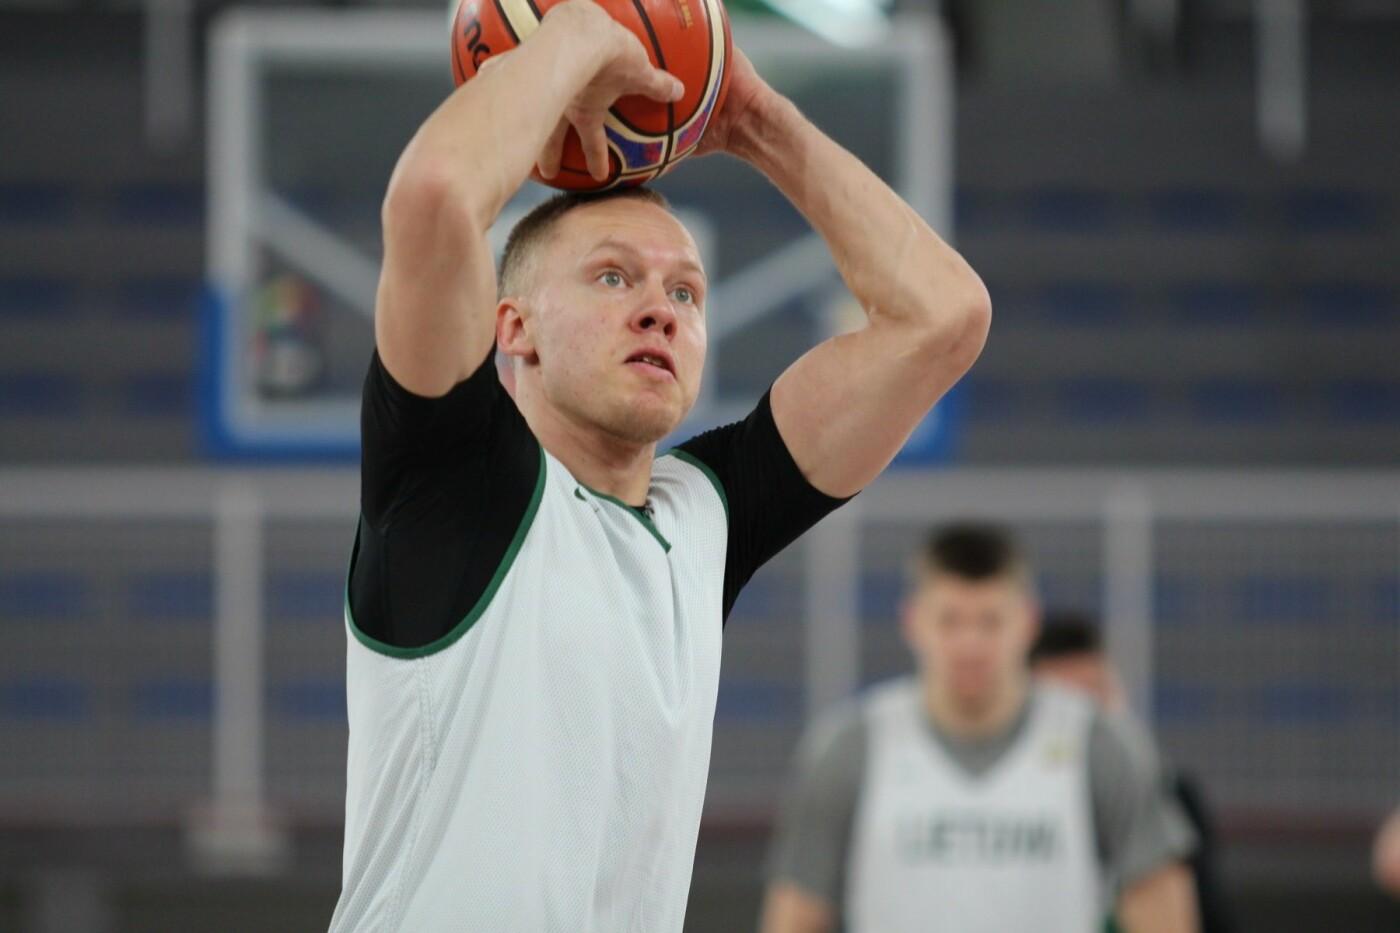 Lietuvos vyrų krepšinio rinktinė surengė vienintelę treniruotę Italijoje, nuotrauka-8